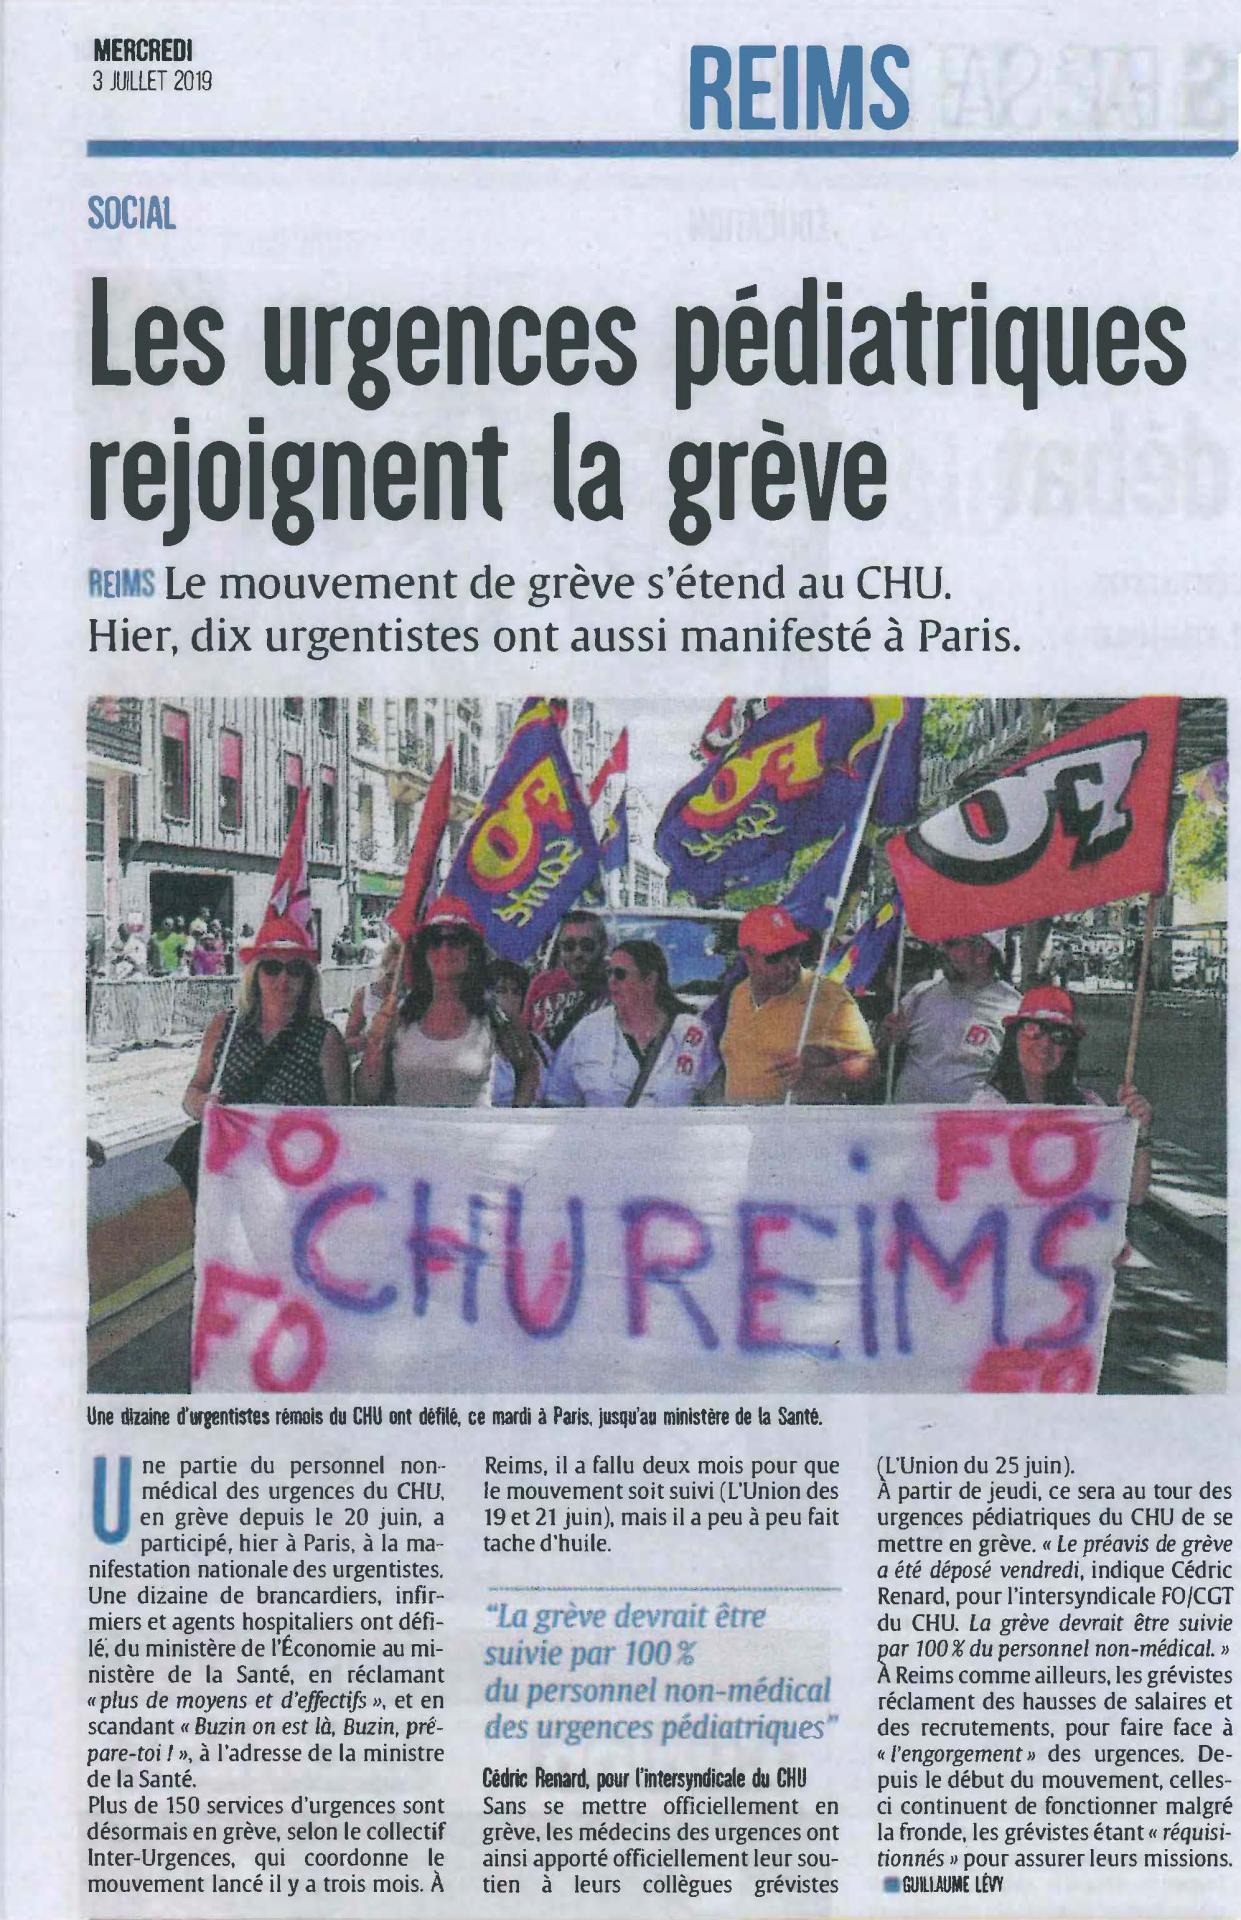 Urgences pediatriques greve chu reims